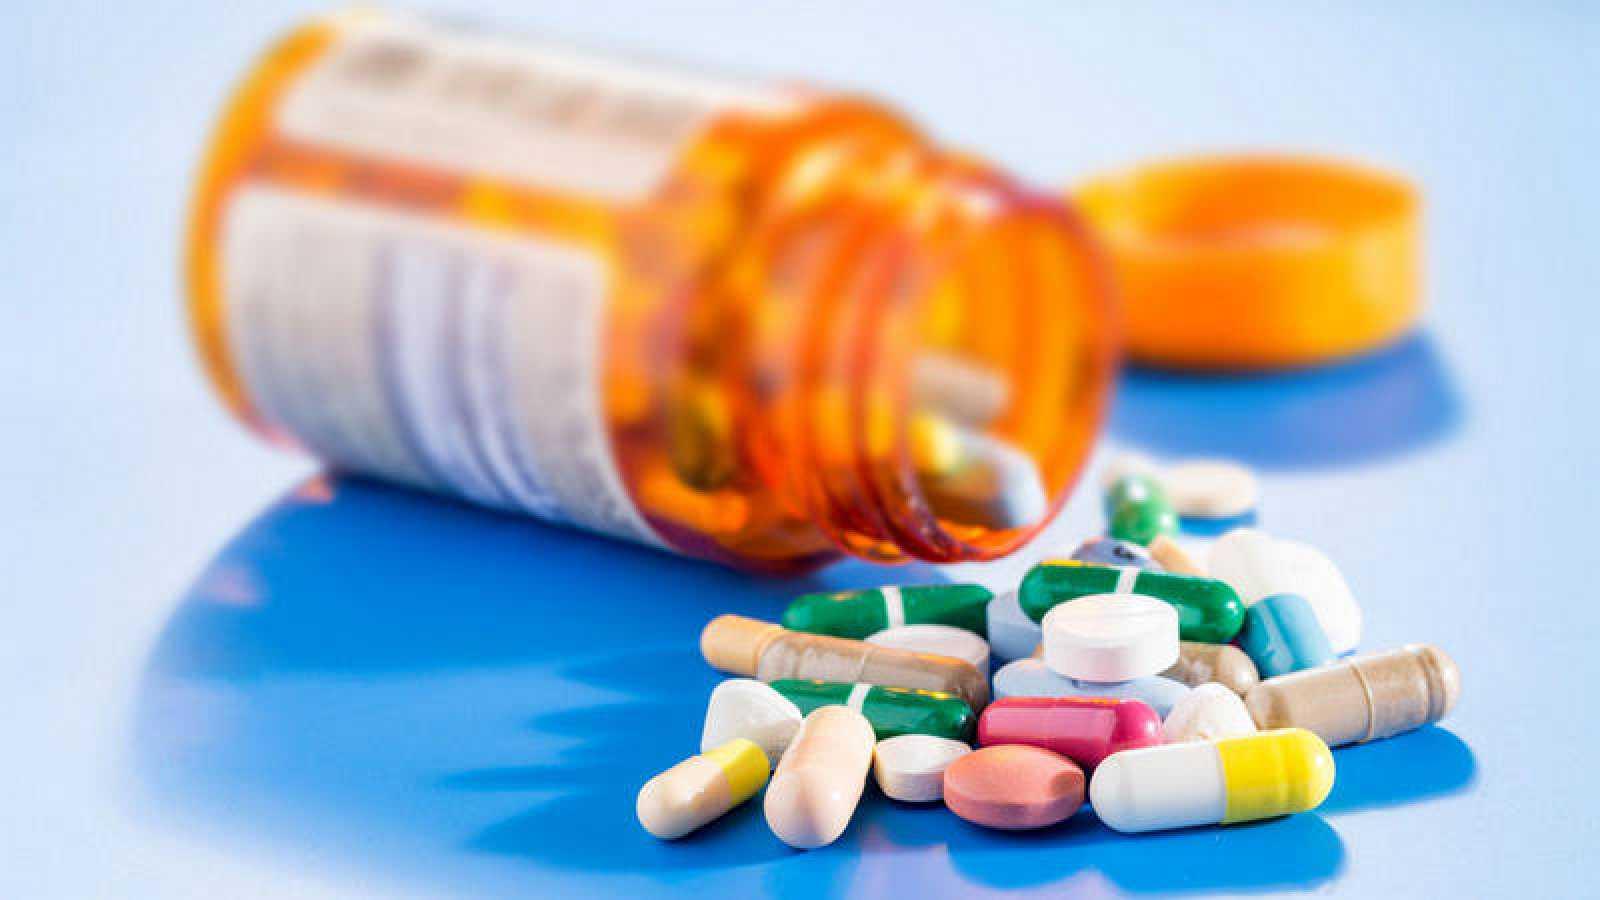 Imagen genérica de distintos comprimidos